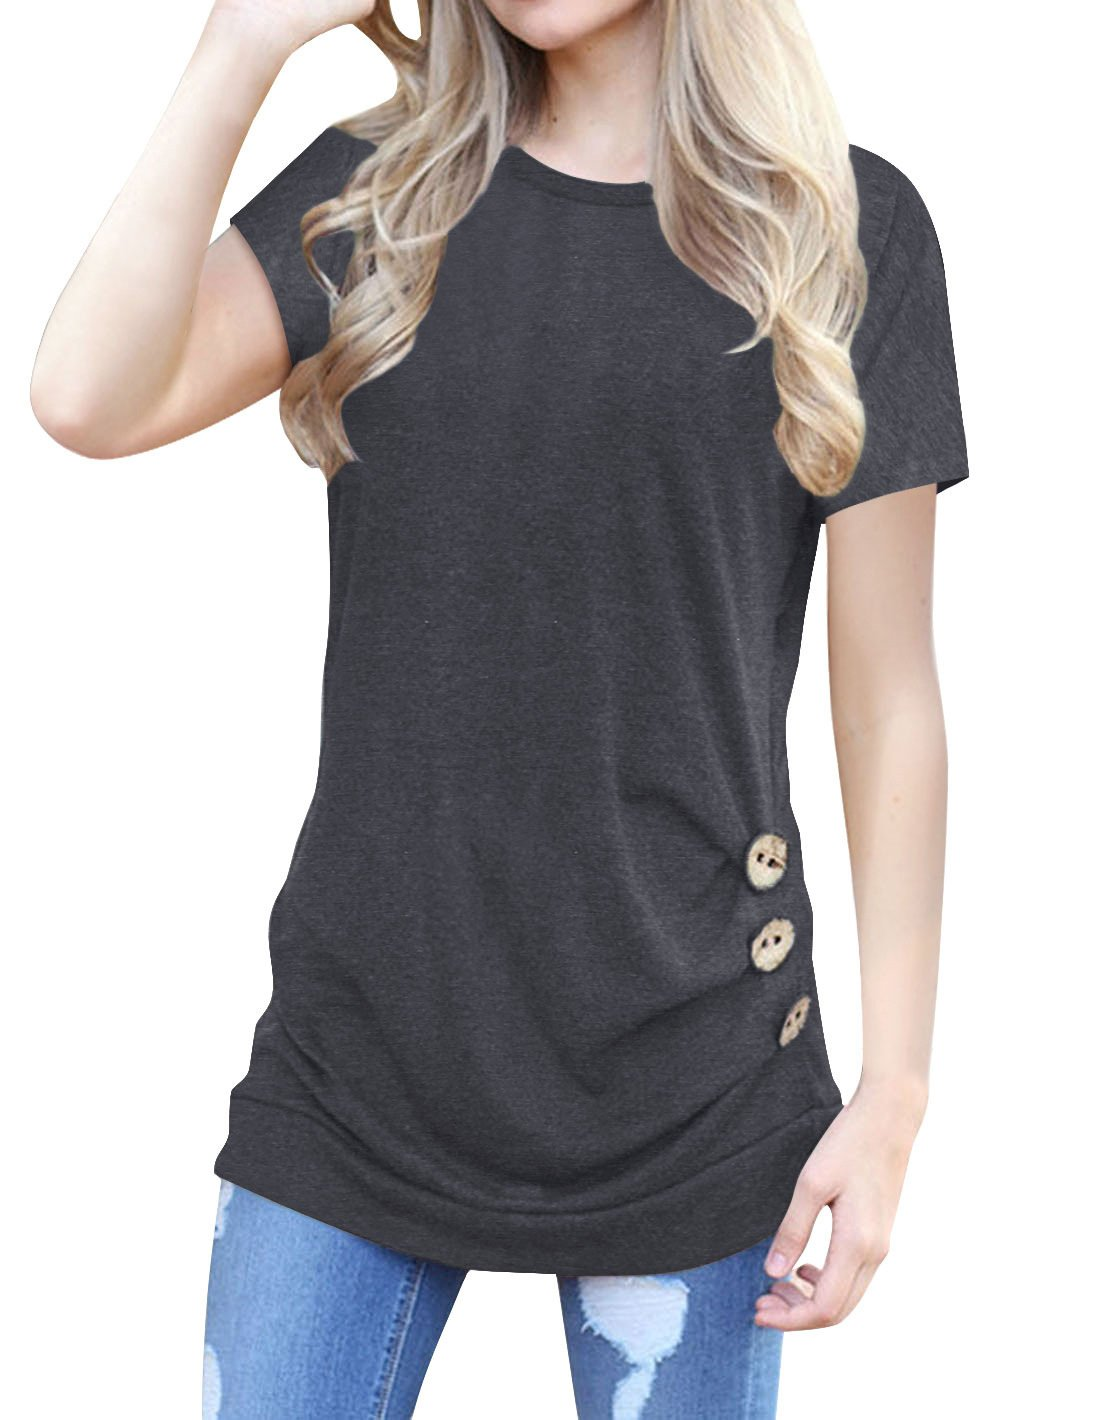 Lyxinpf Women Short Sleeve Casual Round Neck Tunics Tops Buttons Decor Blouse T-Shirt A-Dark Grey M